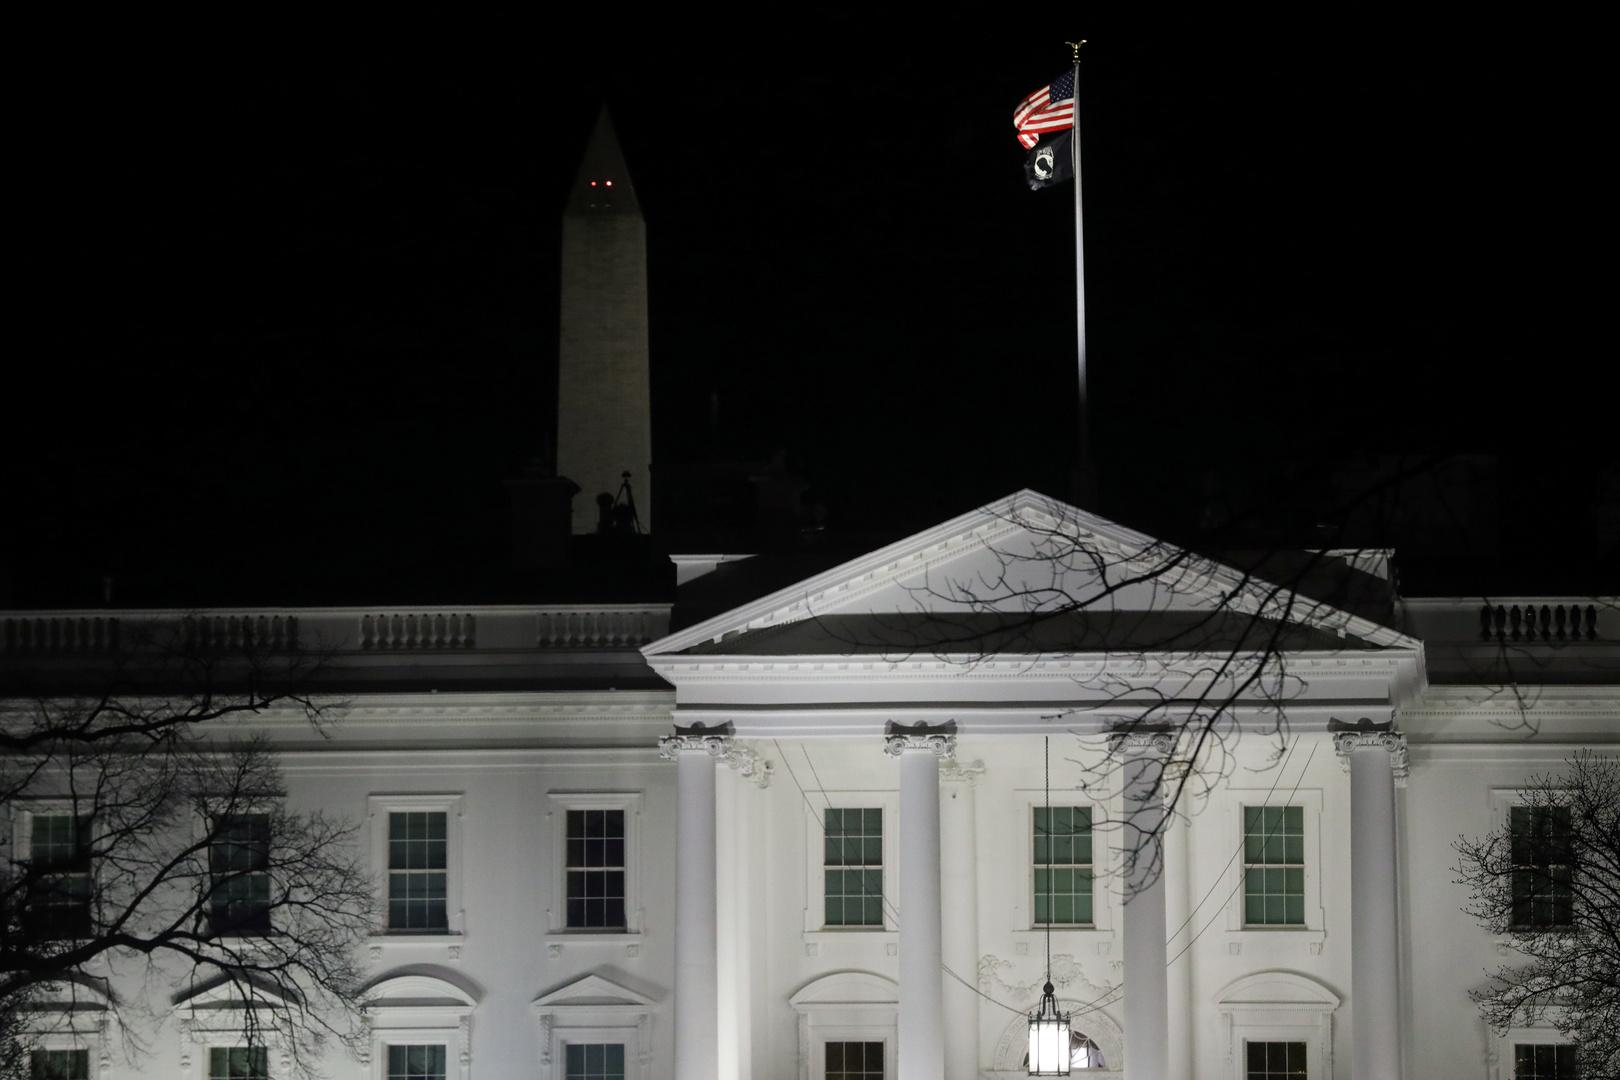 مسؤول إيراني يحذر واشنطن من أن أي رد سيواجه بحرب شاملة في المنطقة